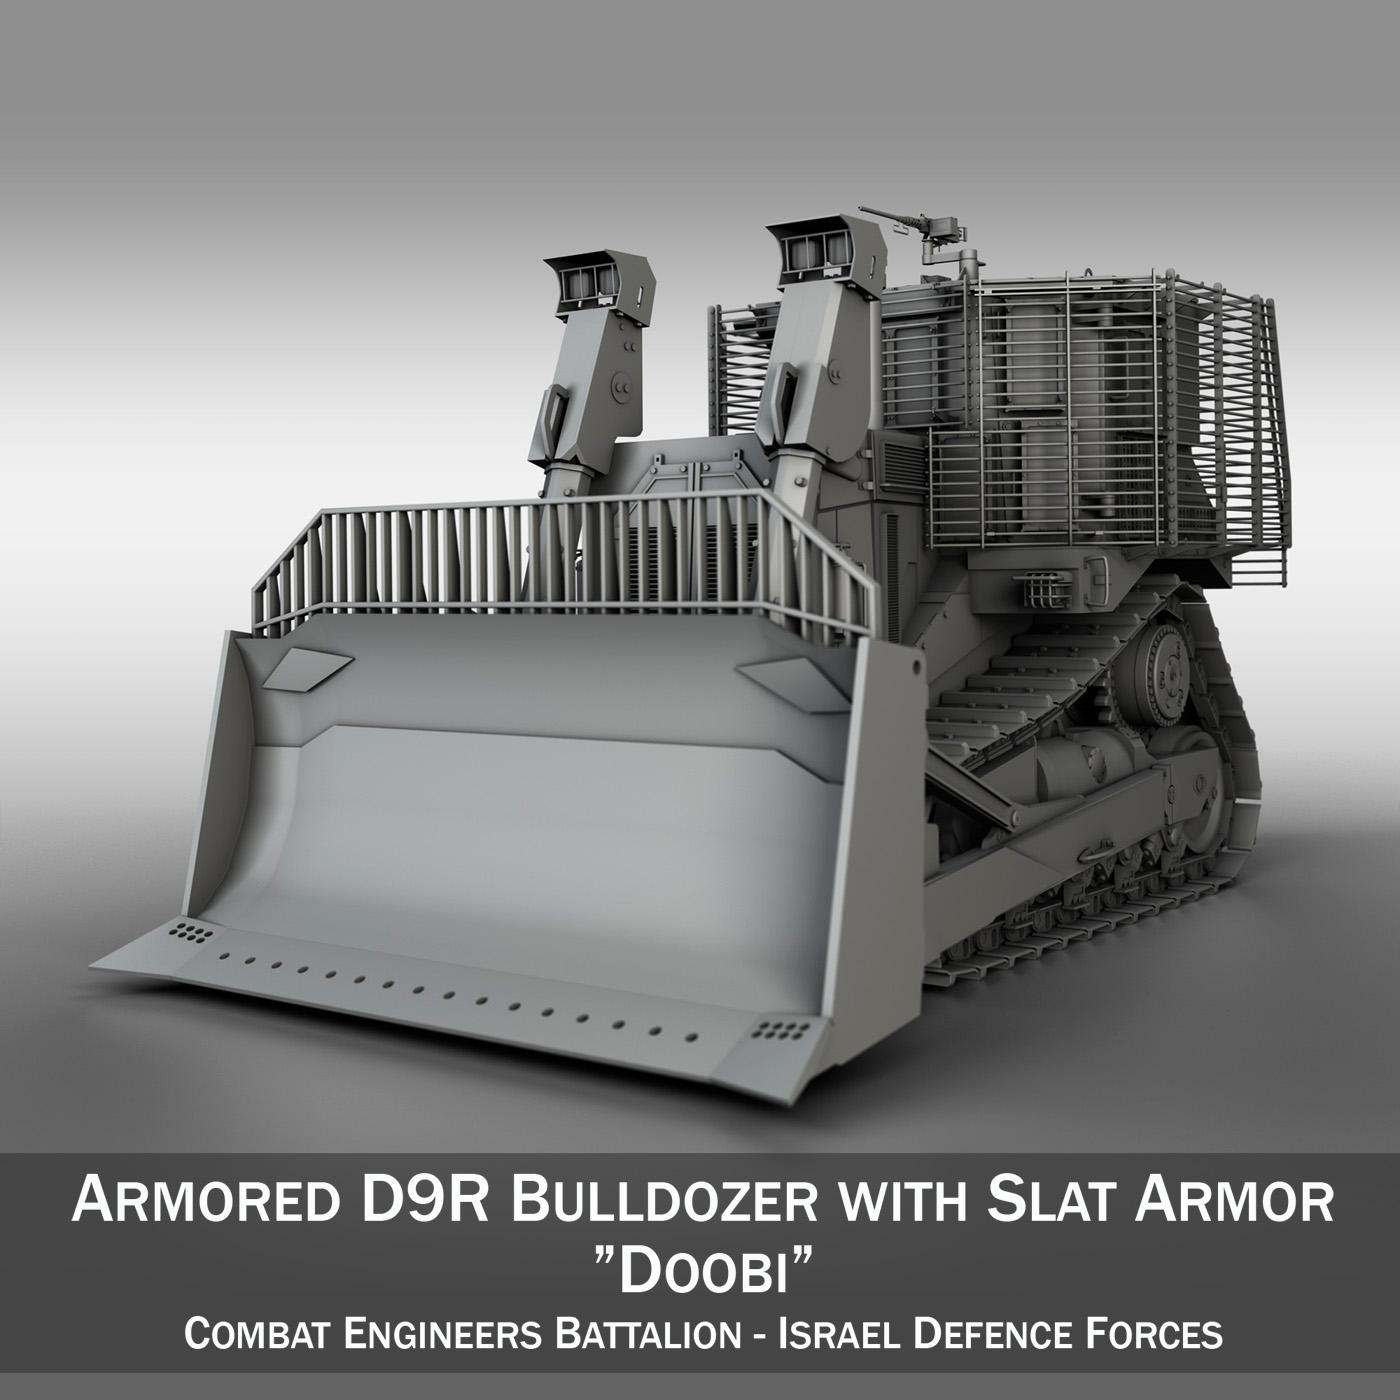 israeli armored d9r bulldozer 3d model 3ds fbx c4d lwo obj 278719